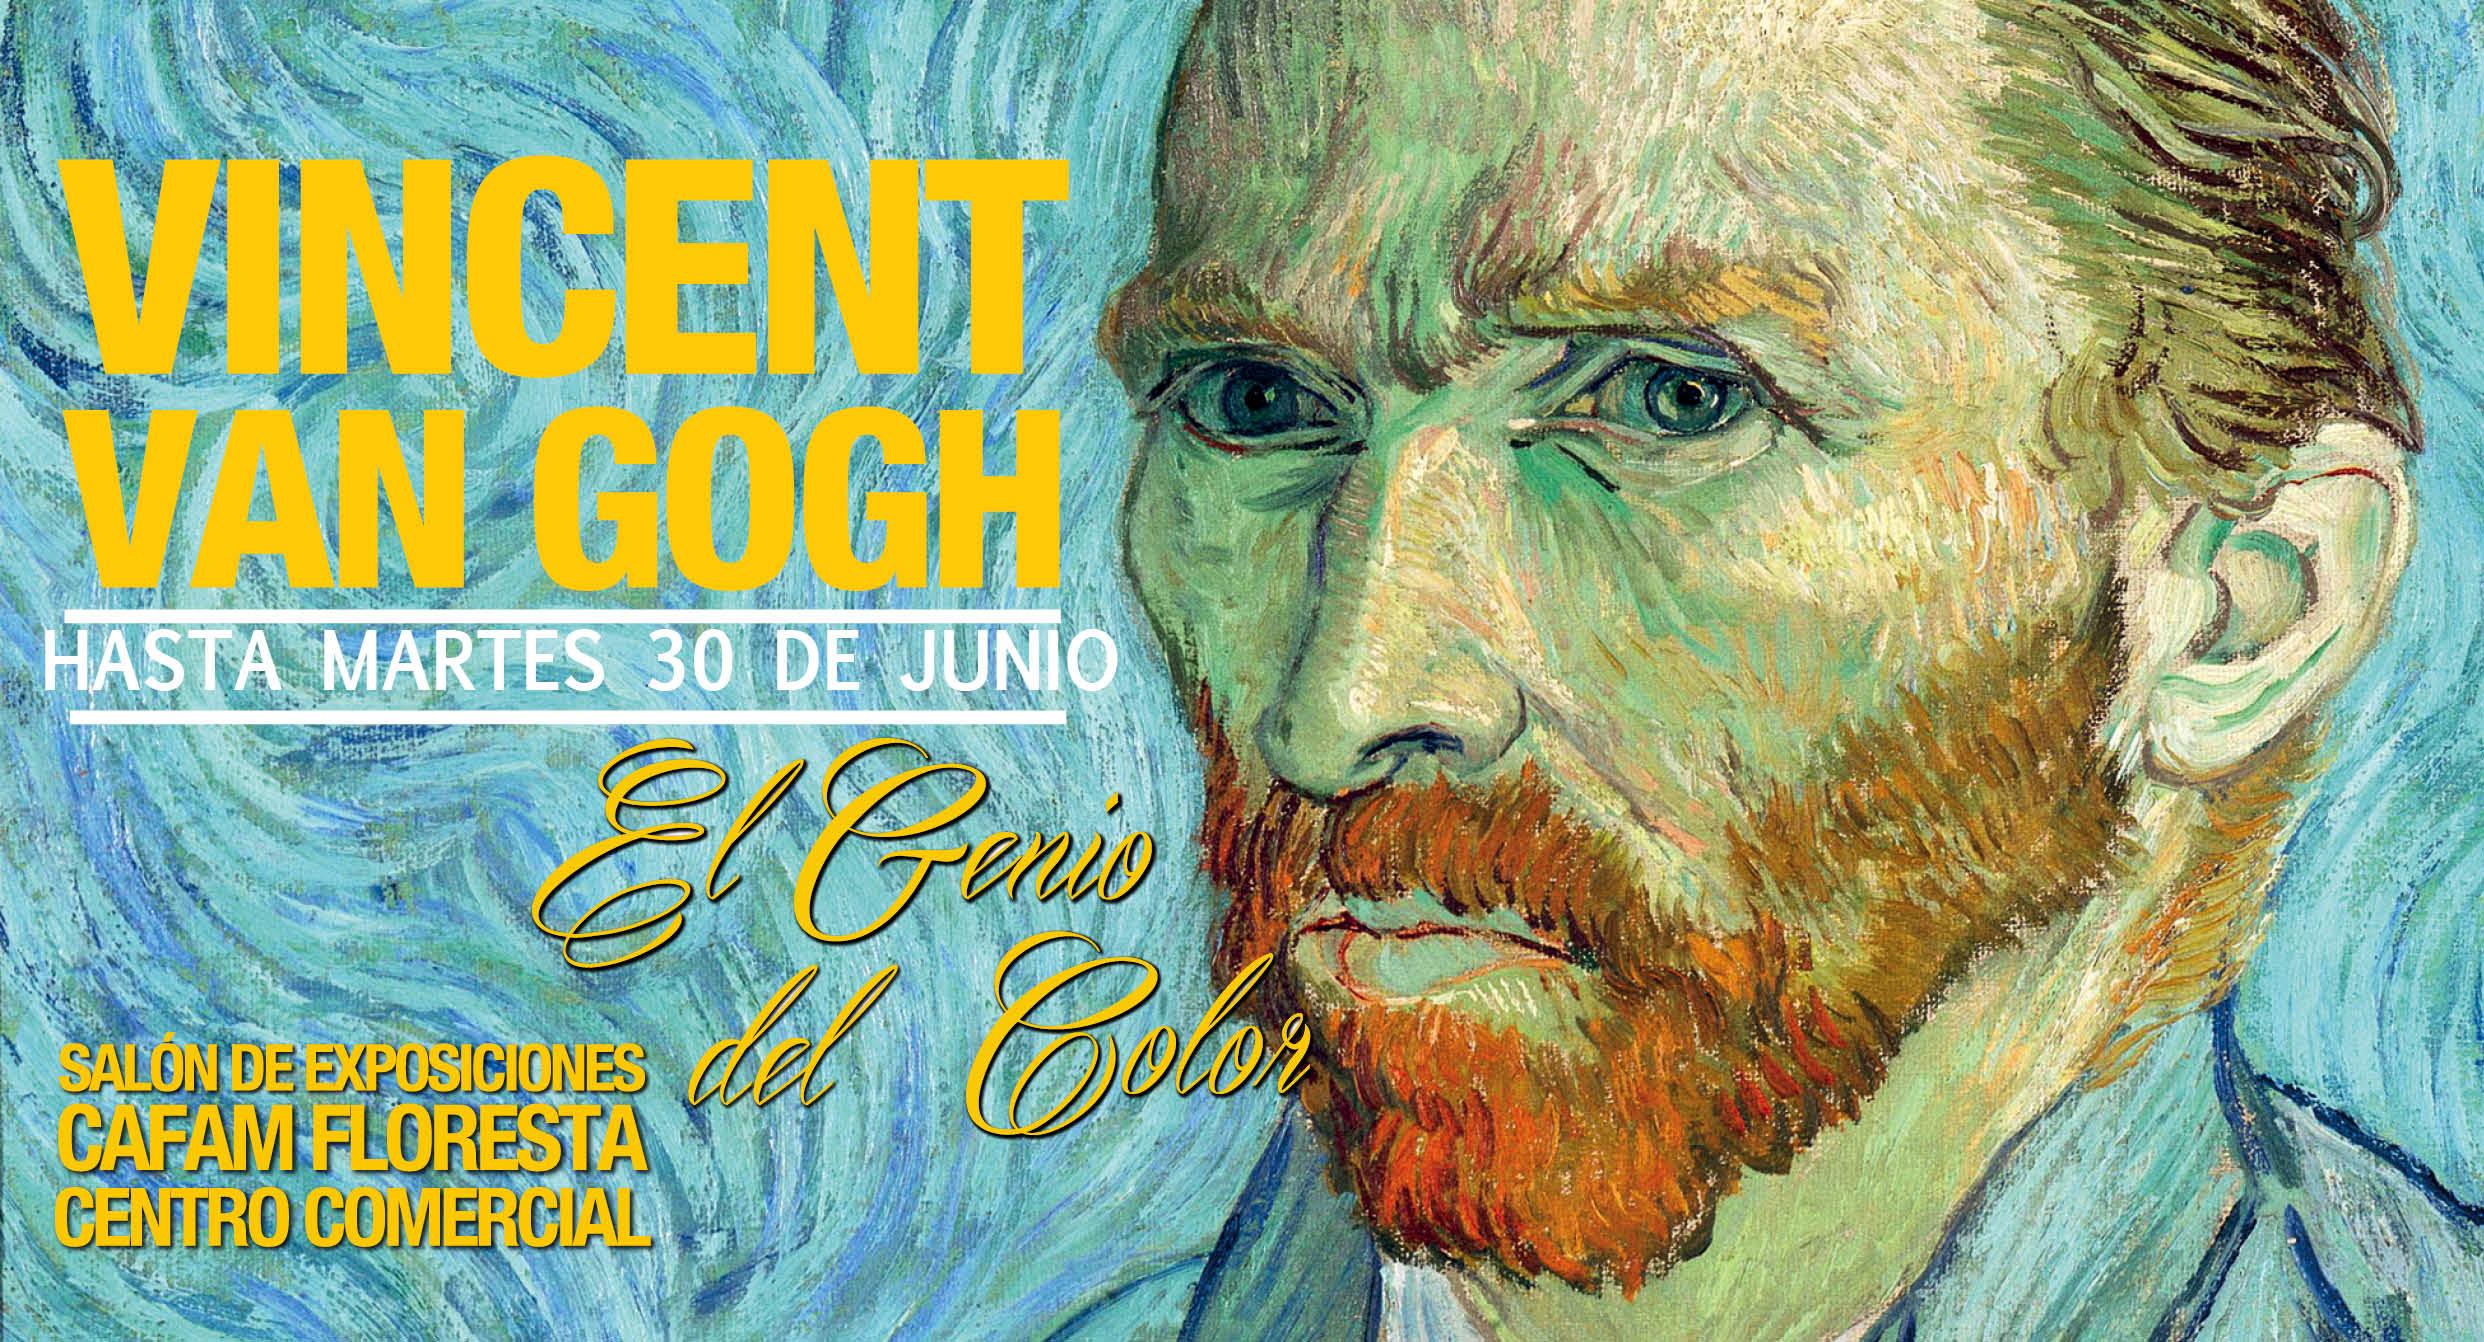 Vincent Van Gogh, el genio del color